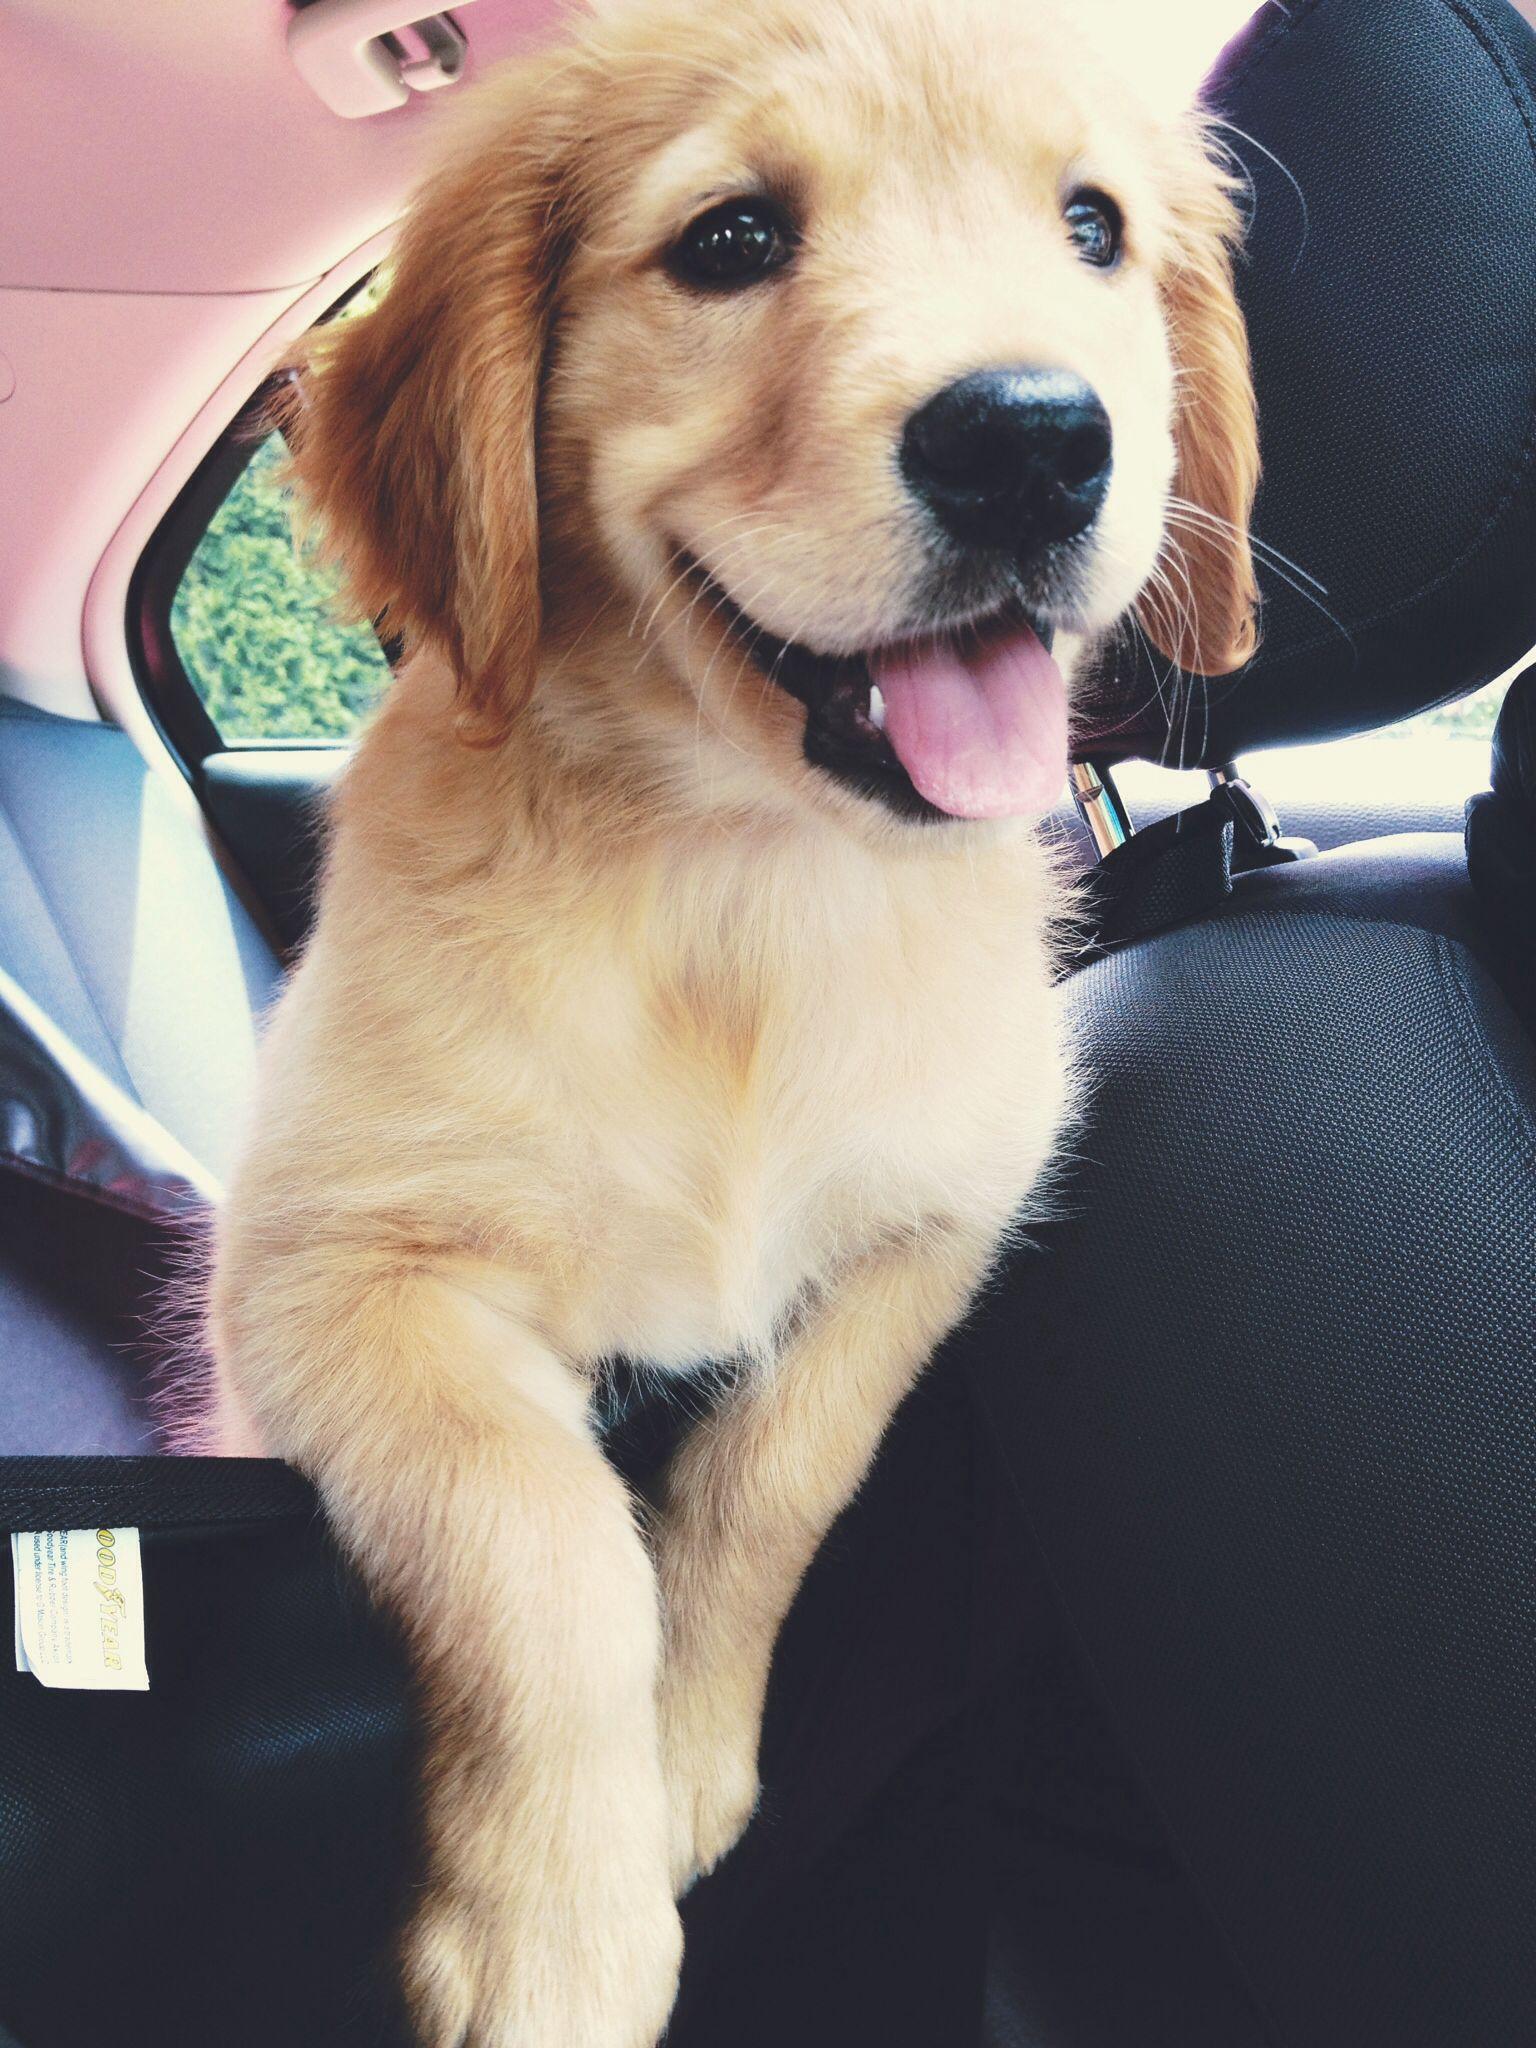 Golden Retriever Puppy Animales Y Mascotas Perros Mascotas